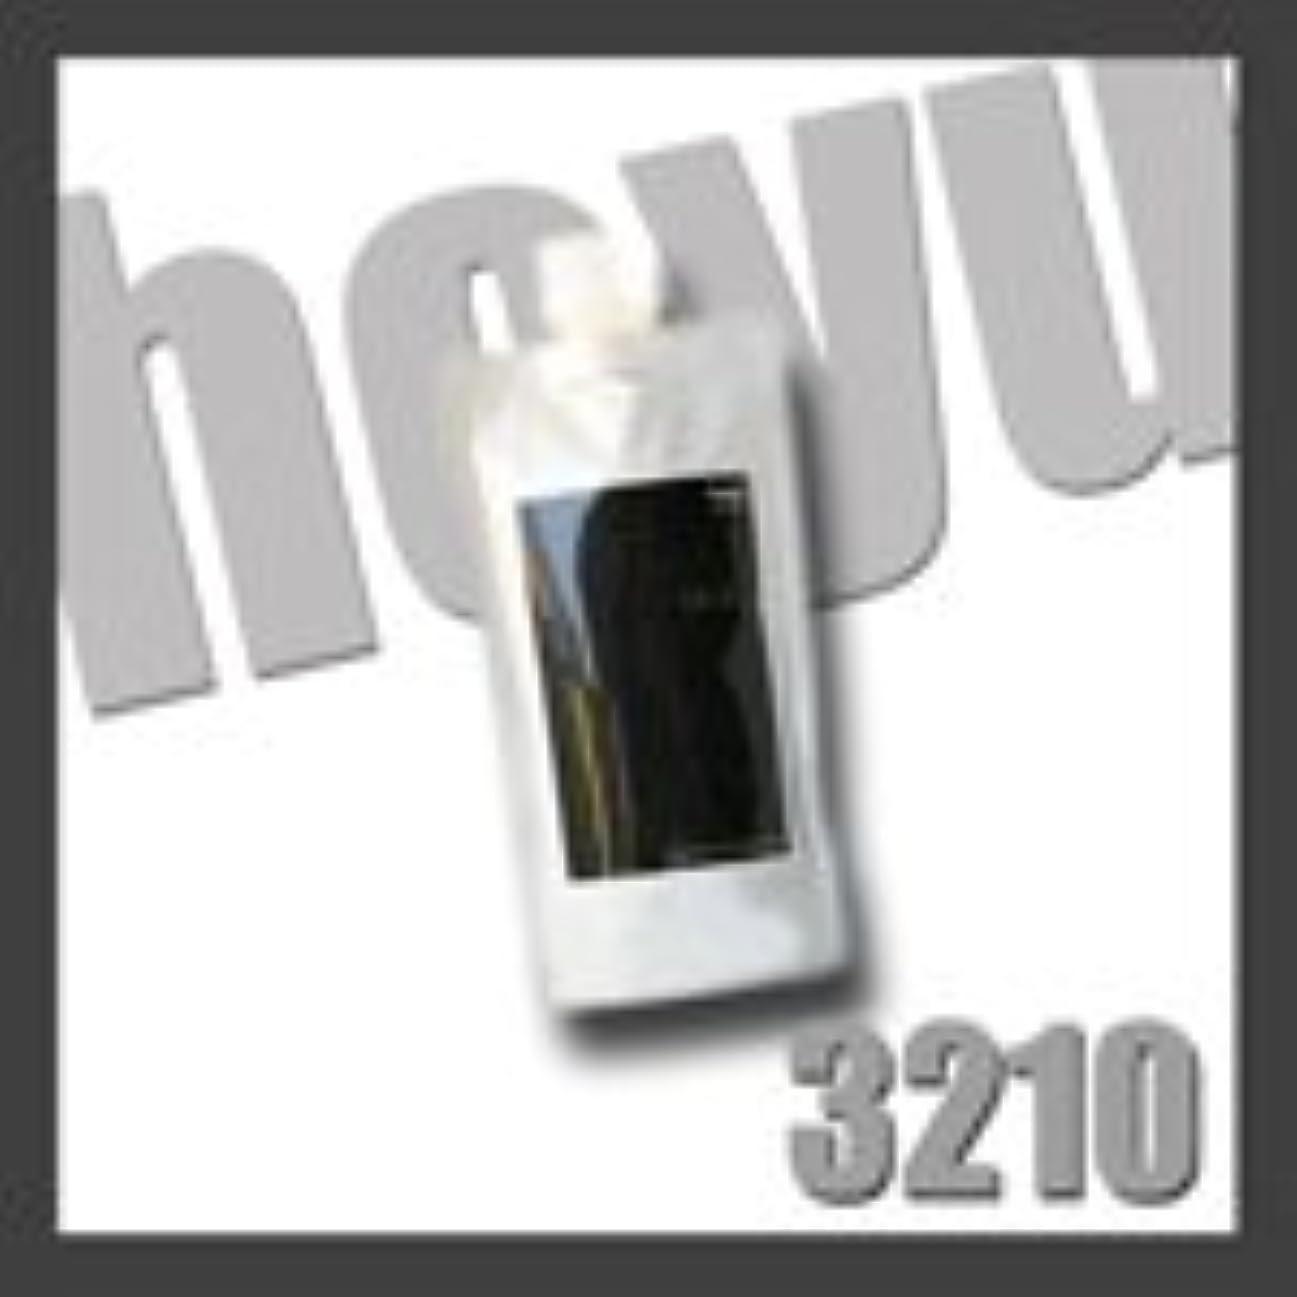 グリップインクトレイルHOYU ホーユー 3210 ミニーレ ウルトラハード ワックス レフィル 200g 詰替用 フィニッシュワークシリーズ